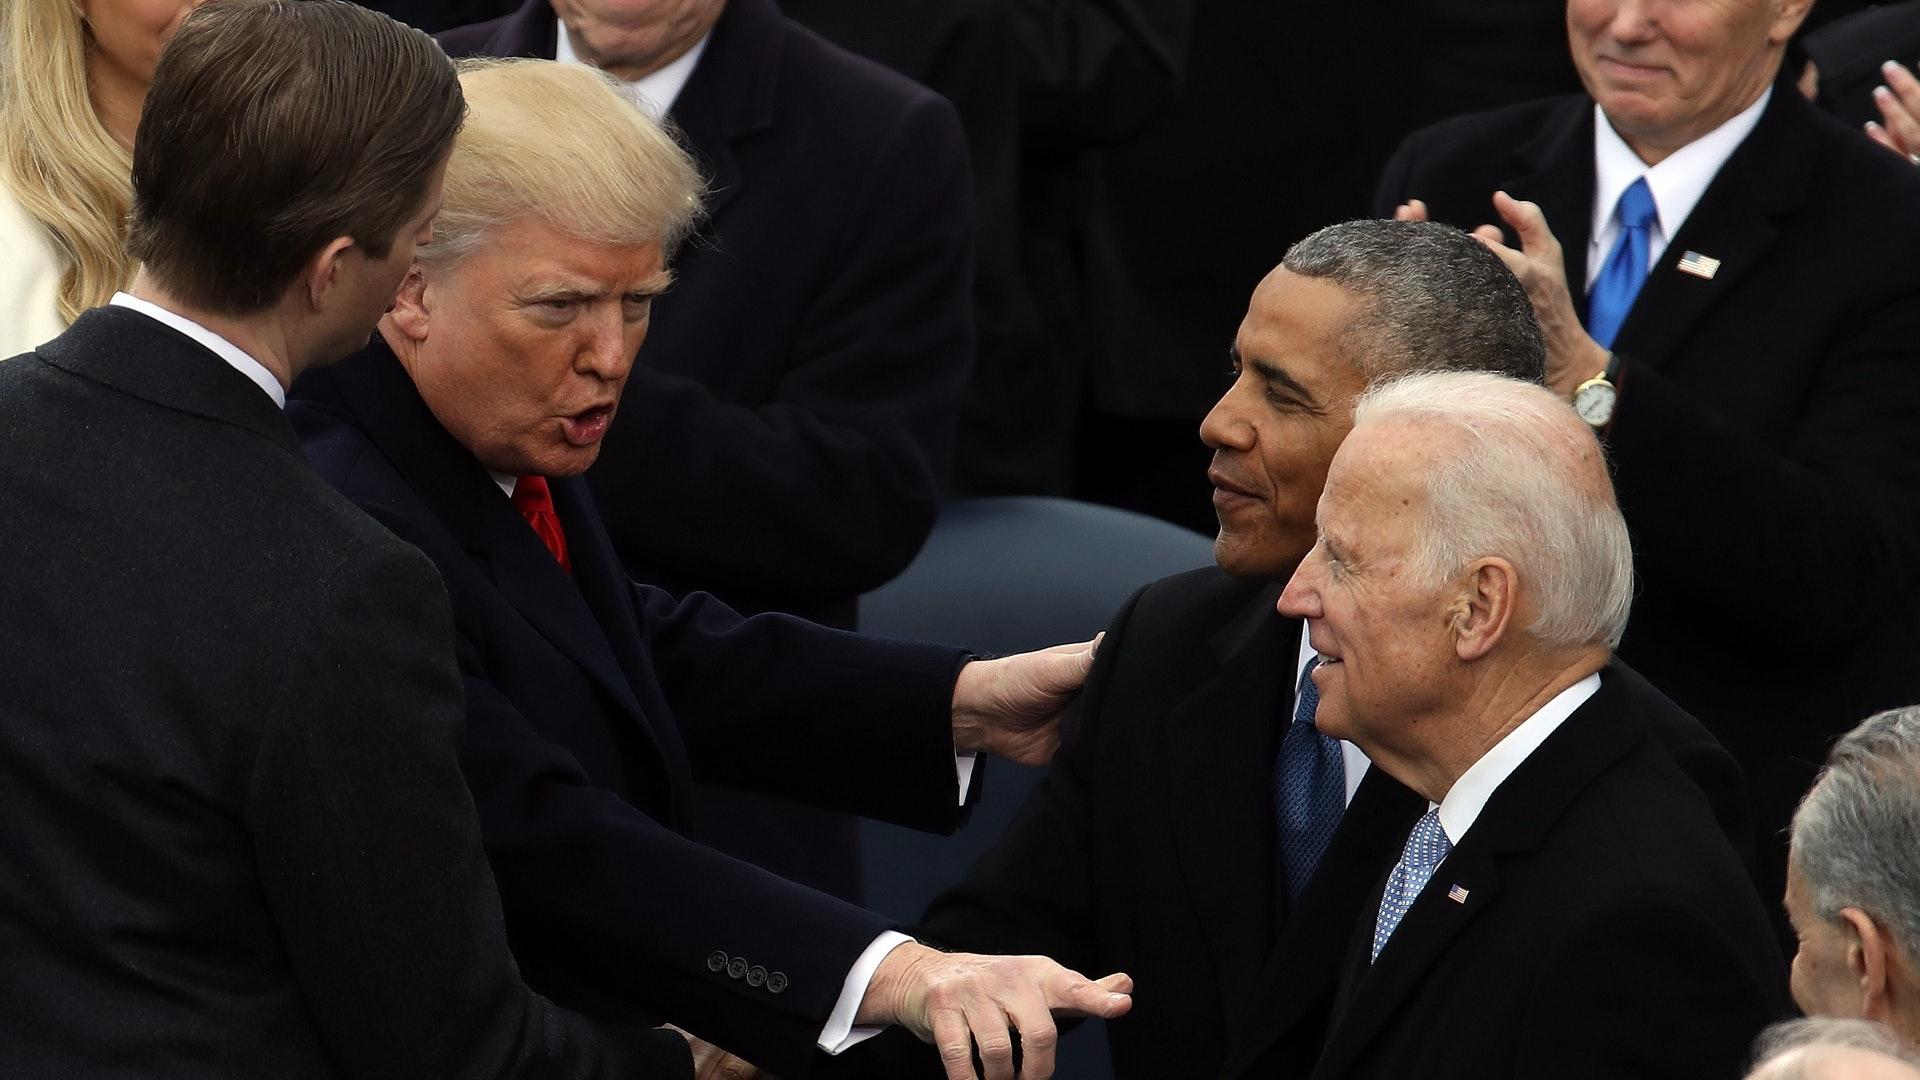 美国大选:现任总统特朗普及前副总统拜登的首场总统选举辩论,于9月29日在印第安纳州圣母大学举行。 图为2017年1月20日,特朗普(左二)在美国国会宣誓成为总统,并获前总统奥巴马(右二)及拜登(右一)祝贺。 (Getty )